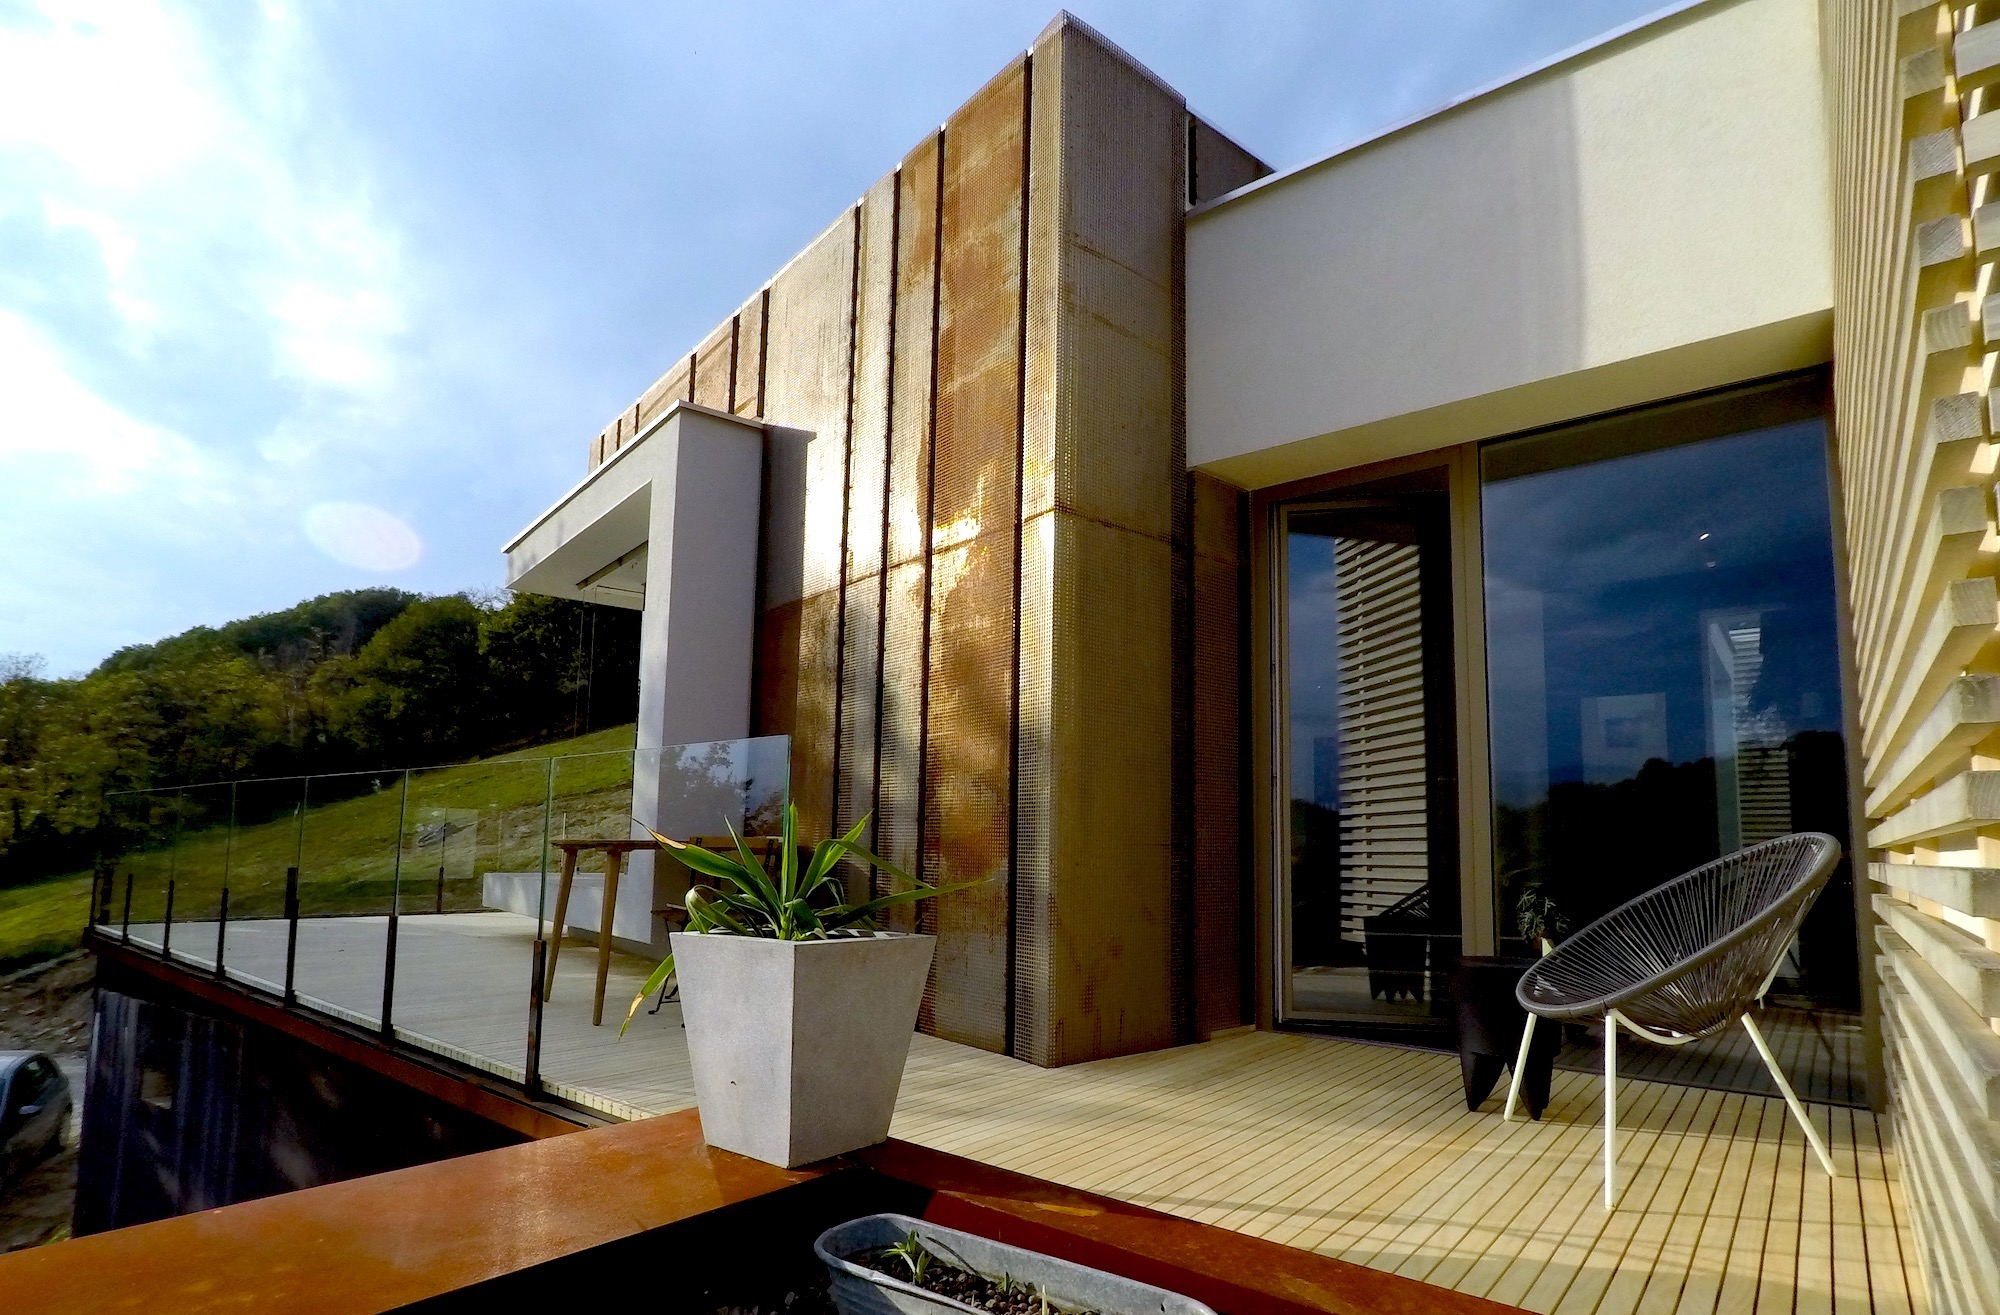 Wooden Houses_Villa Unifamiliare ad un piano_Struttura in legno accattivante e moderna. Casa elettrica dotata di fotovoltaico, VMC e frangisole sulle vetrate esposte al sole. Patio interno che porta al tetto verde